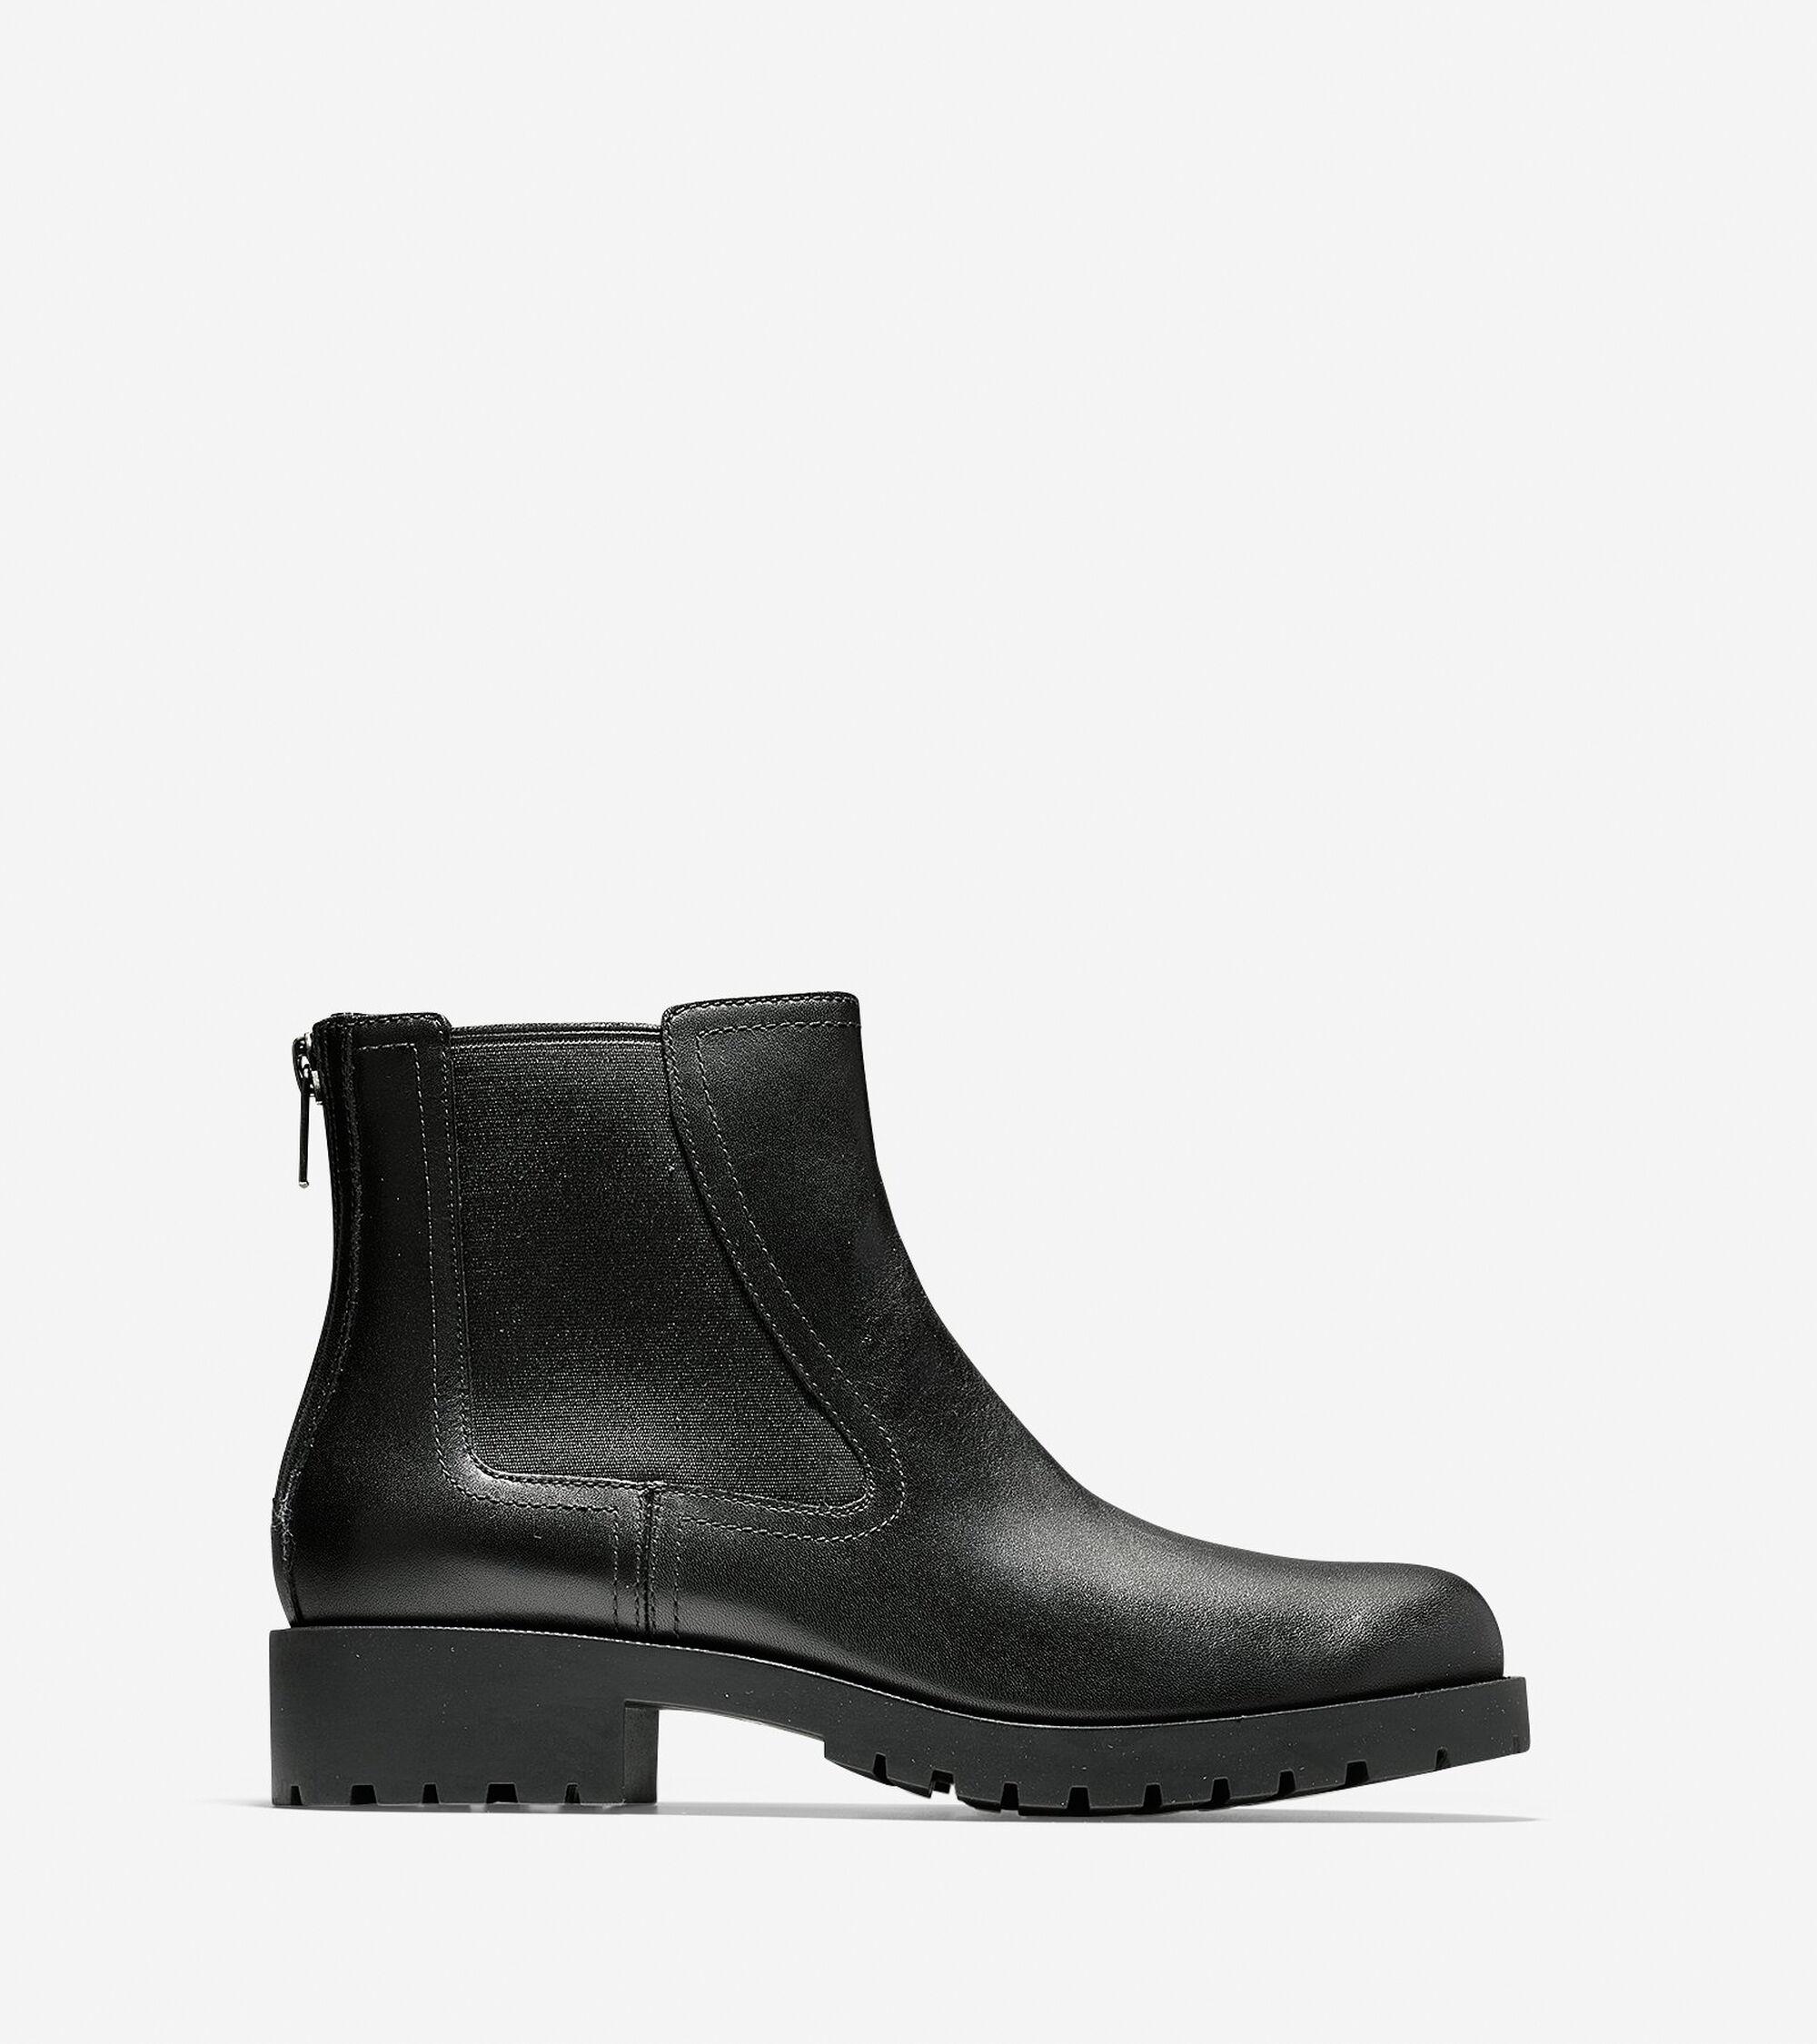 0ac21864ca0 Women s Stanton Waterproof Chelsea Boots in Black